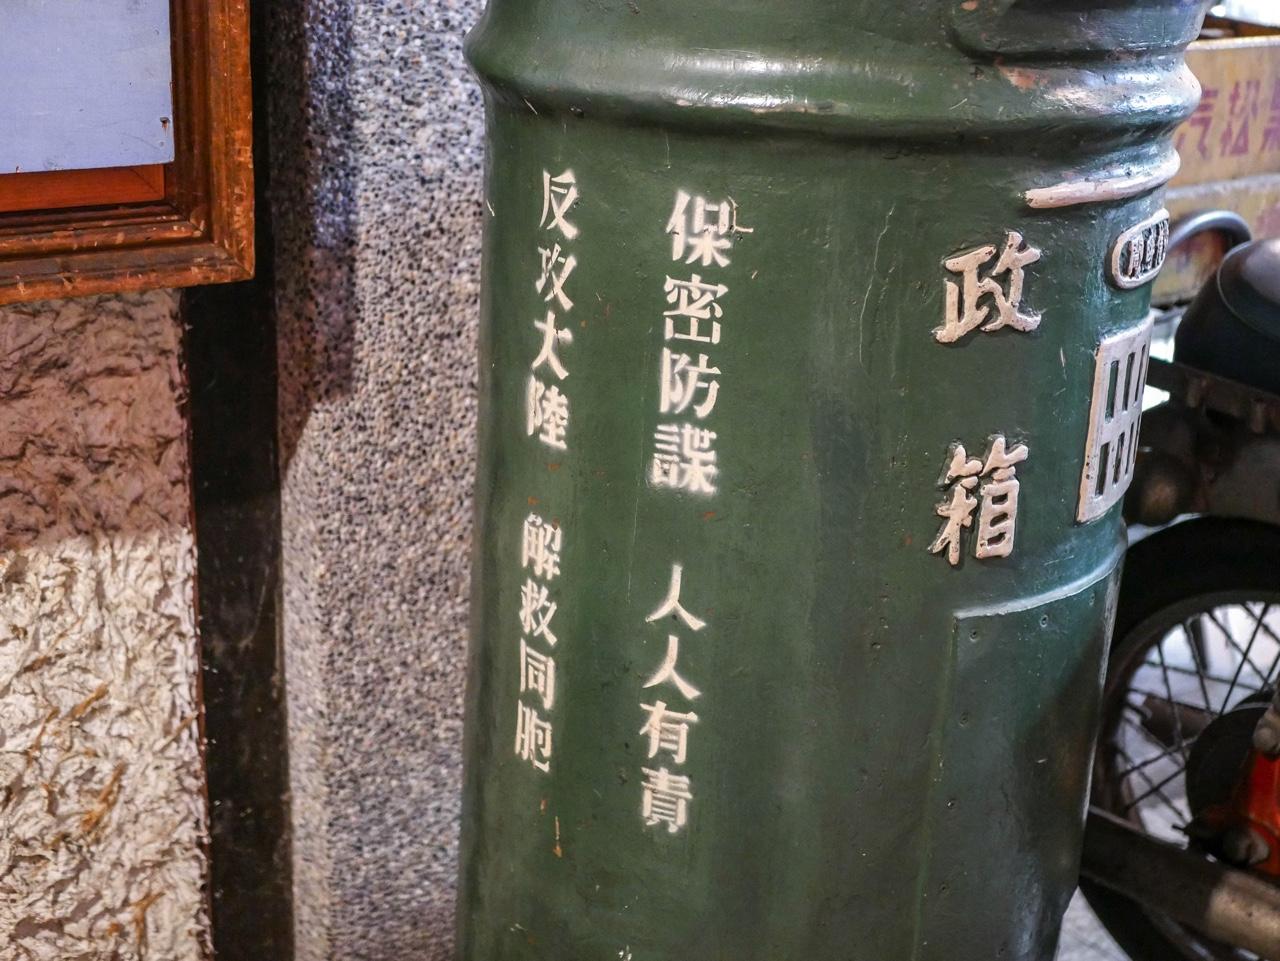 かつての台湾にあった標語